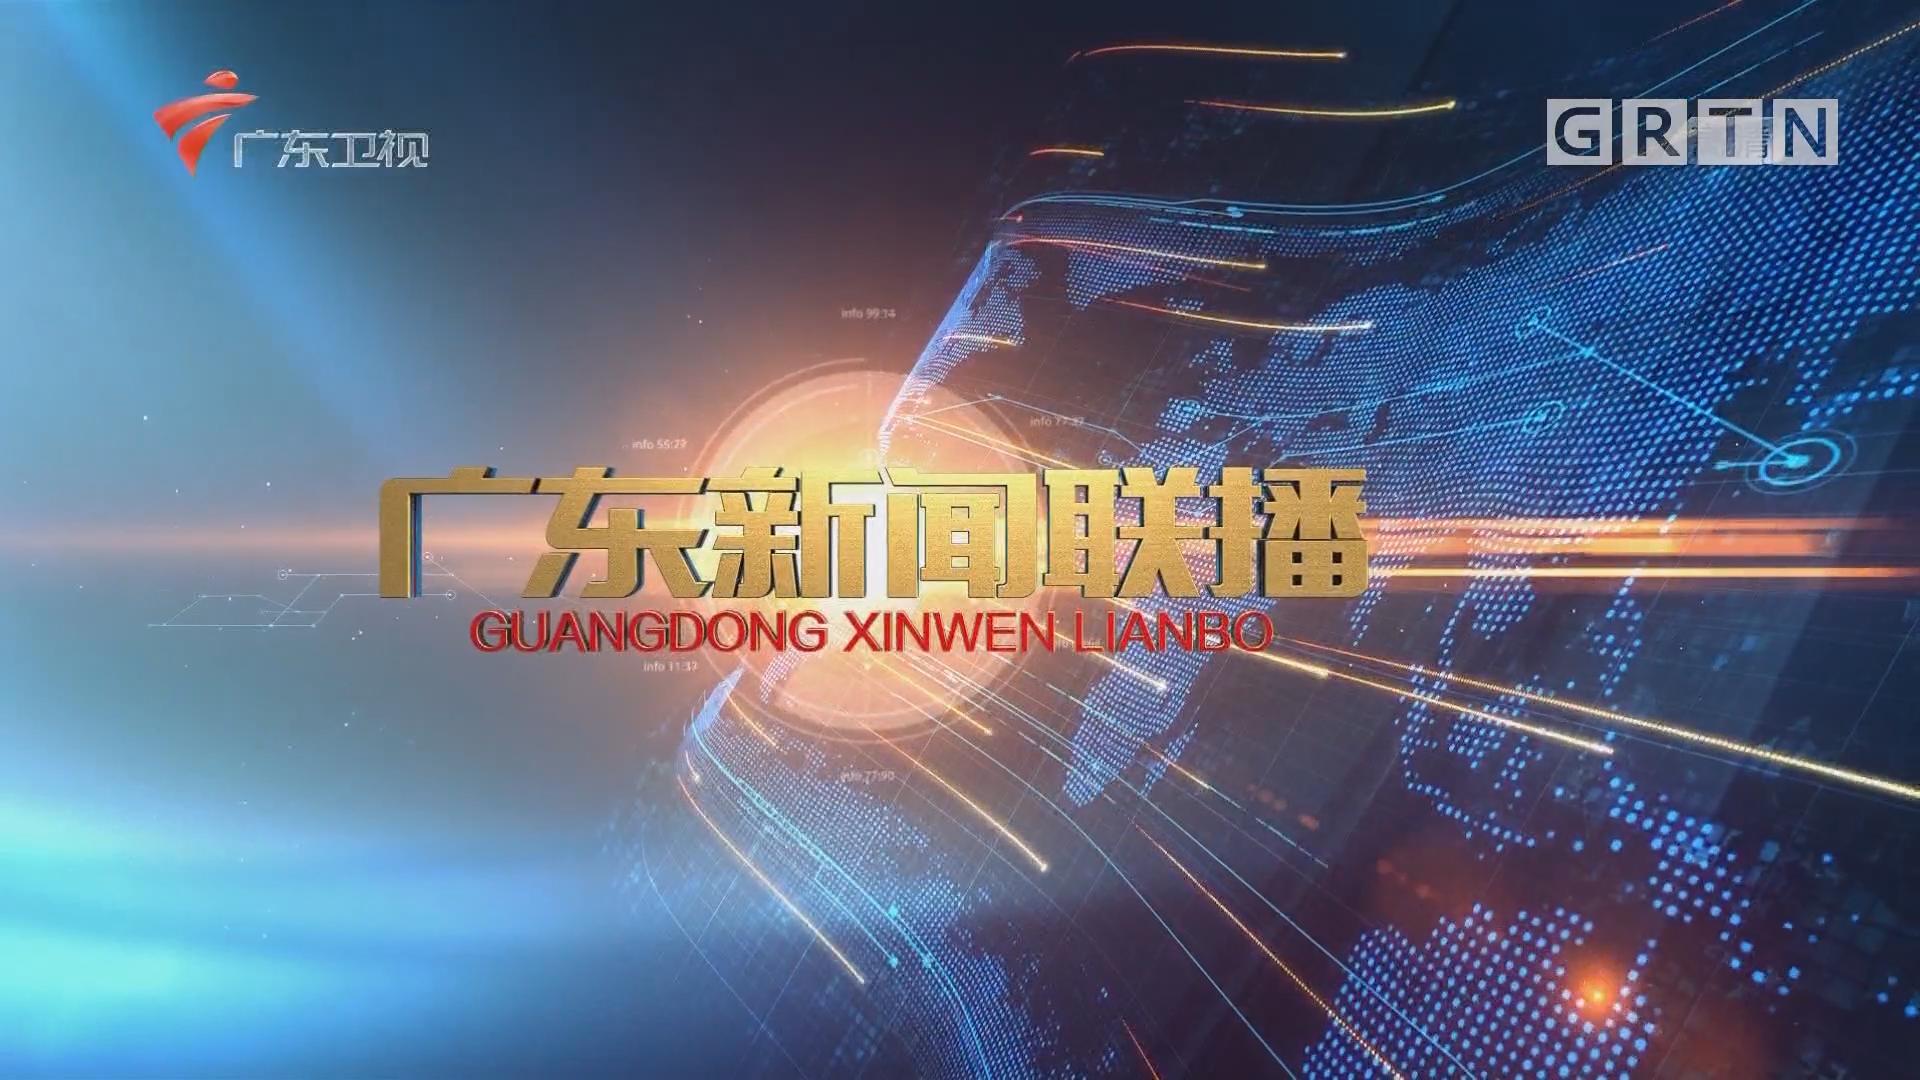 [HD][2018-12-27]广东新闻联播:广州:打造世界级枢纽港区 推动全面开放新格局